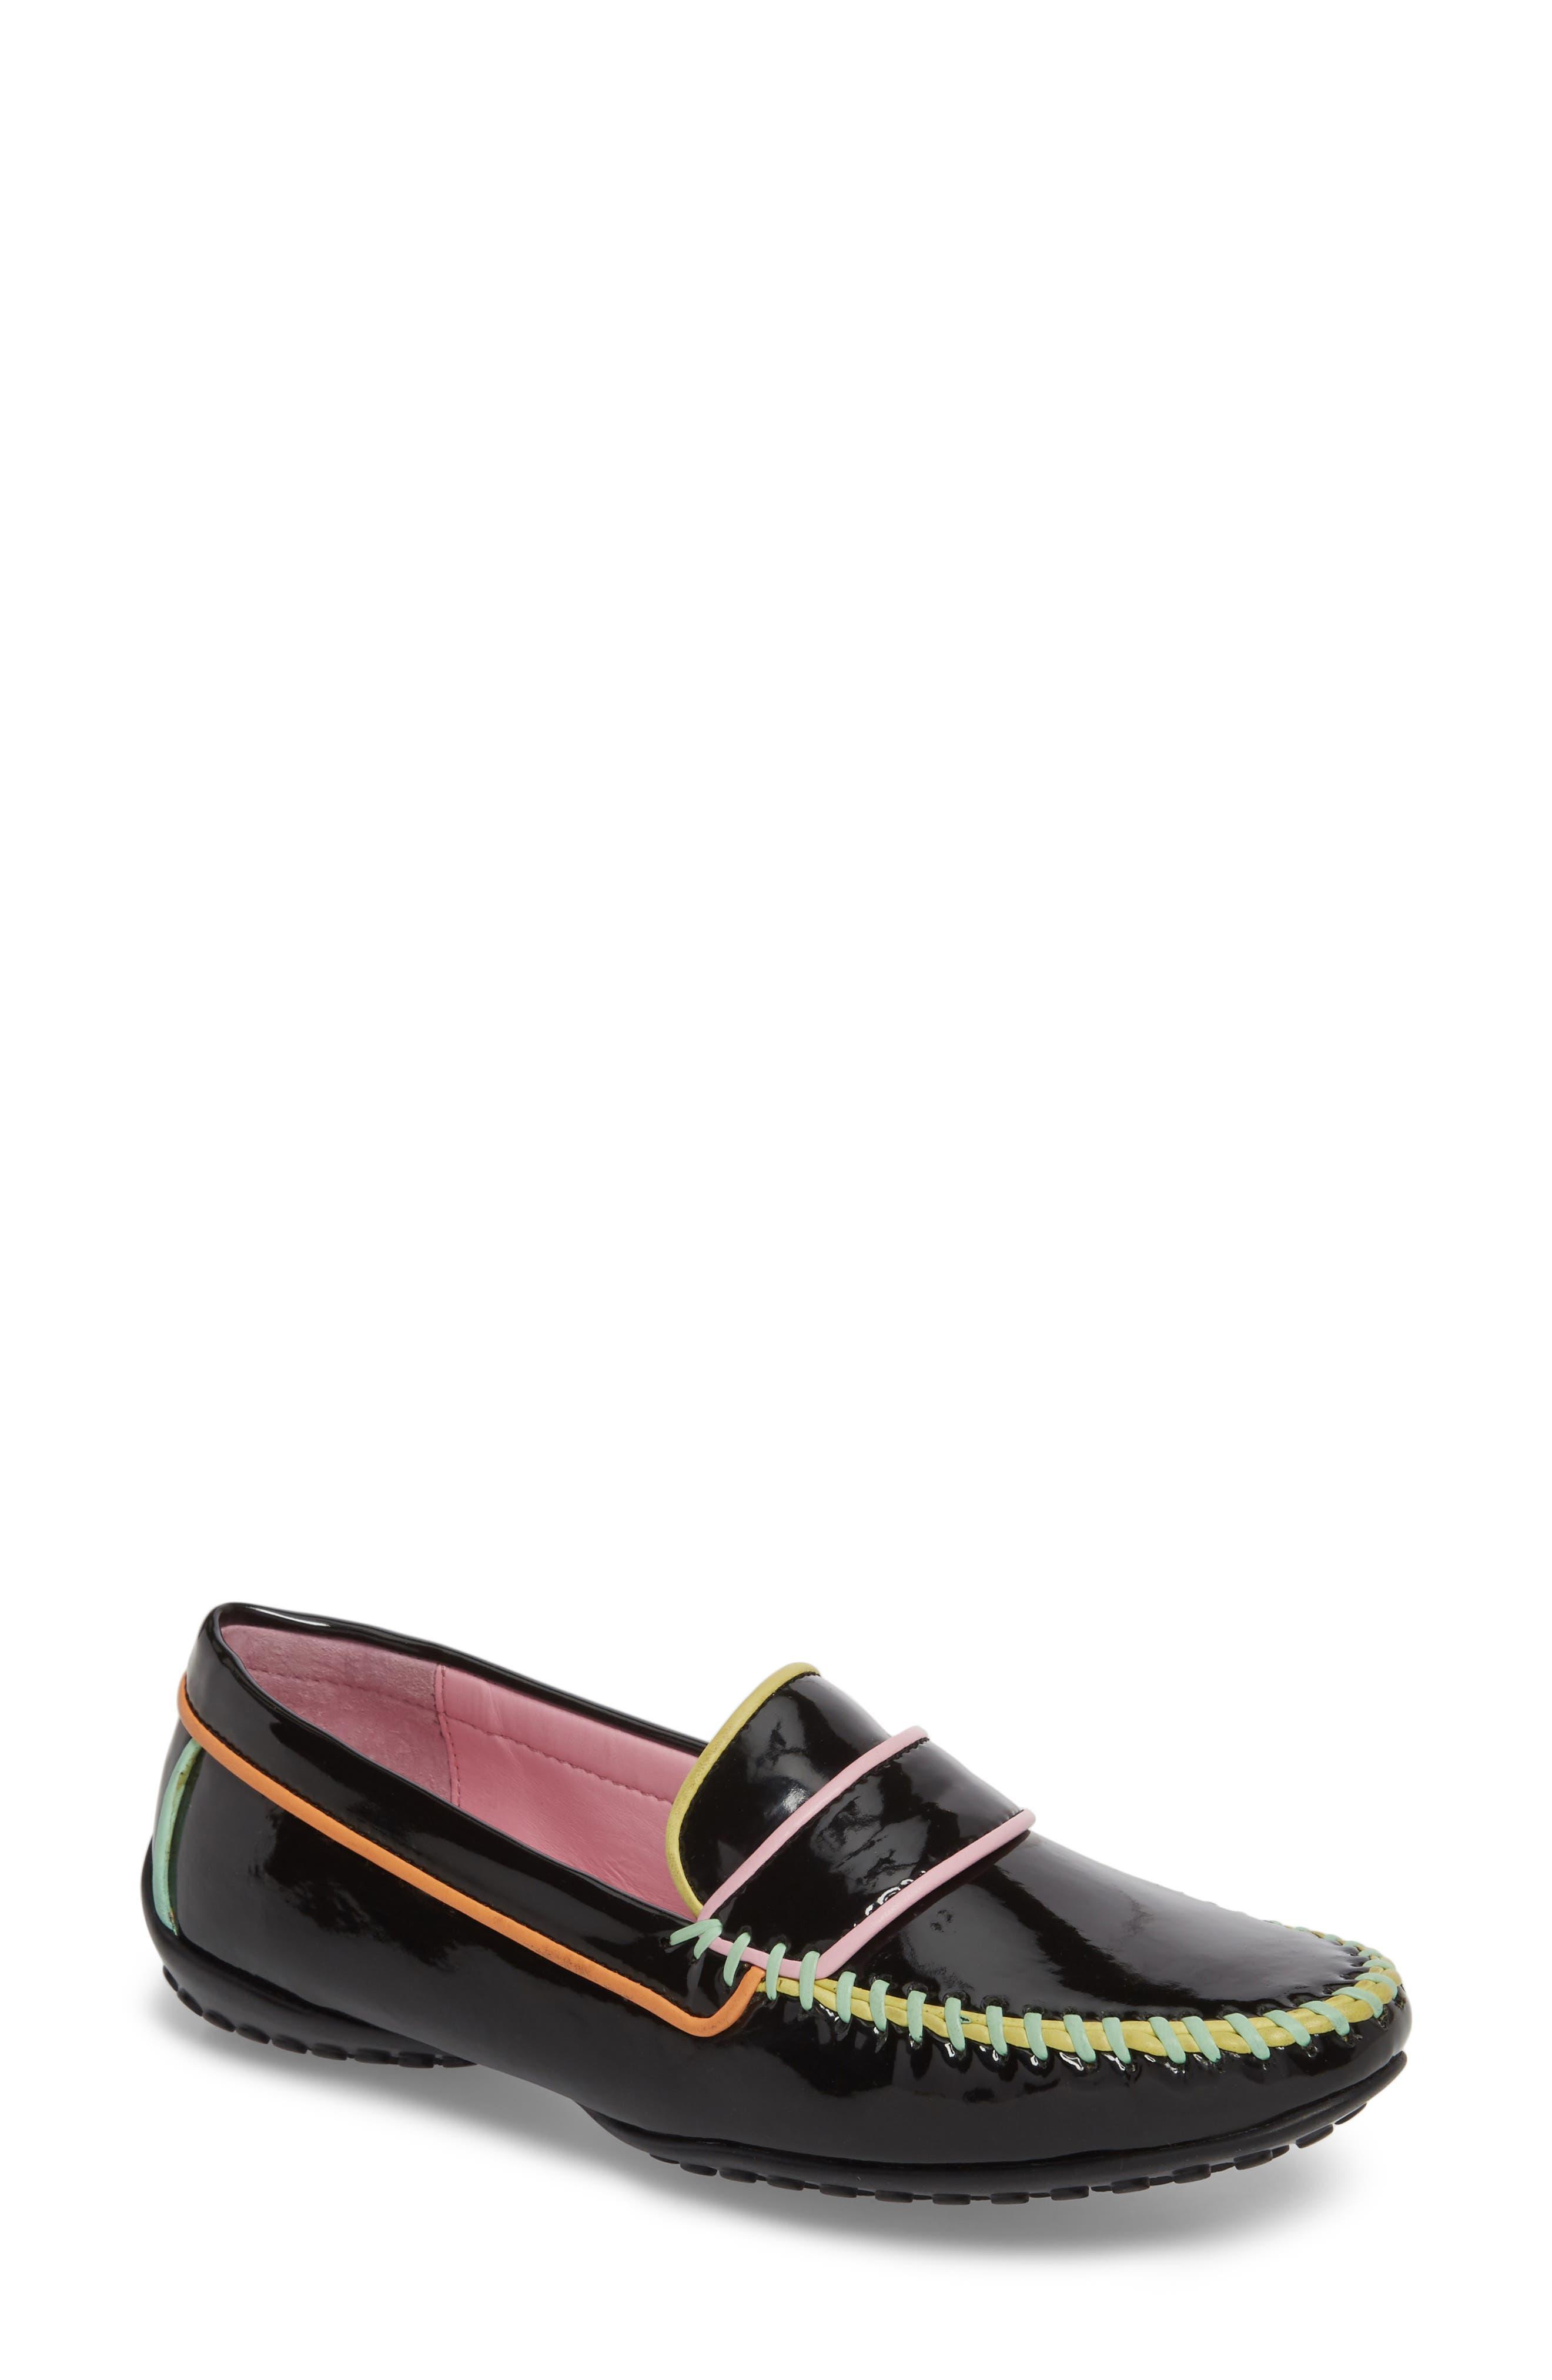 Moccasin Loafer,                         Main,                         color, Black/ Black Patent